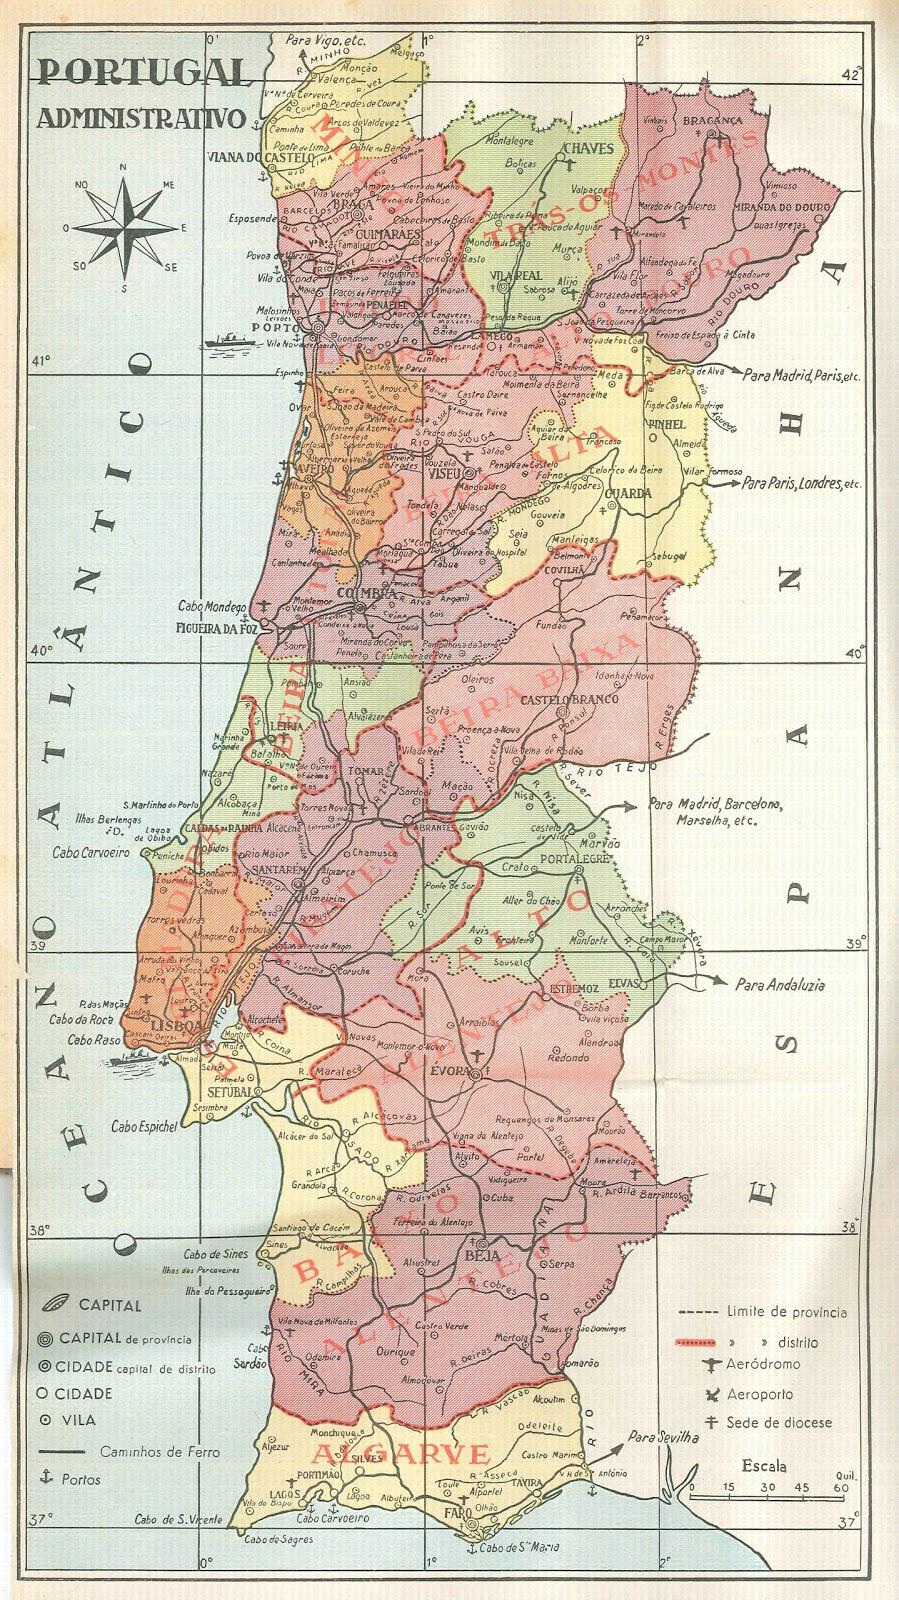 mapa administrativo de portugal MEMÓRIASe outras coisas: Mapa administrativo de Portugal mapa administrativo de portugal